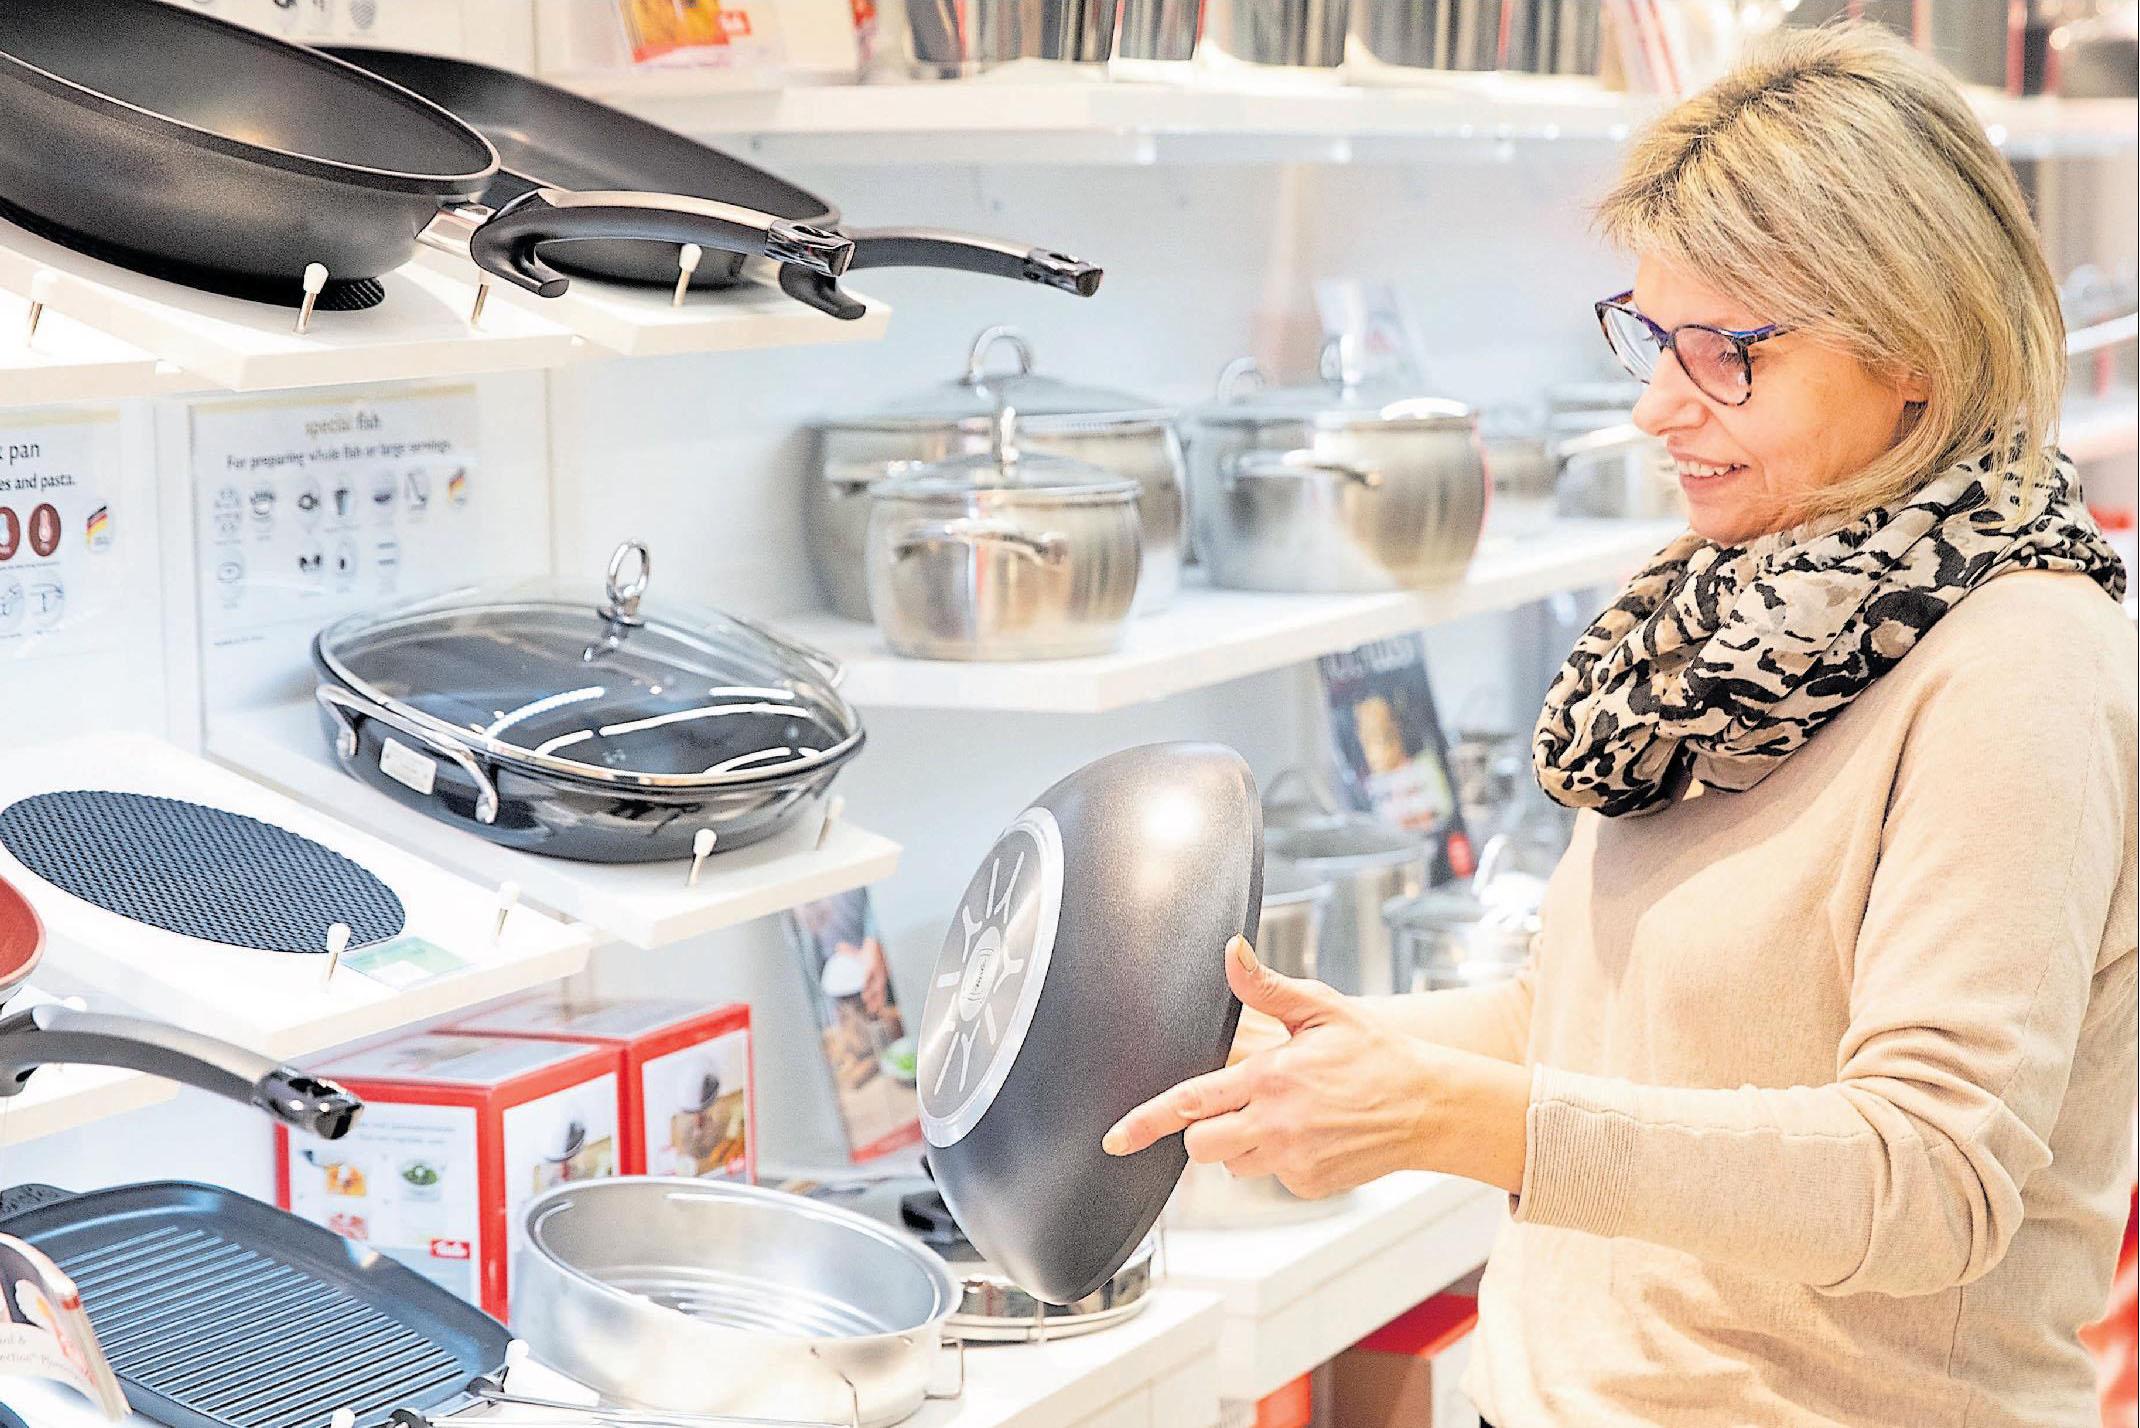 Ein Großteil der aktuellen Pfannen und Töpfe der Marke Fissler ist für den Einsatz auf einem Induktionsherd geeignet und zeichnen sich durch intelligente Lösungen, etwa im Bereich der Kochtöpfe, als auch durch ansprechendes Design aus.